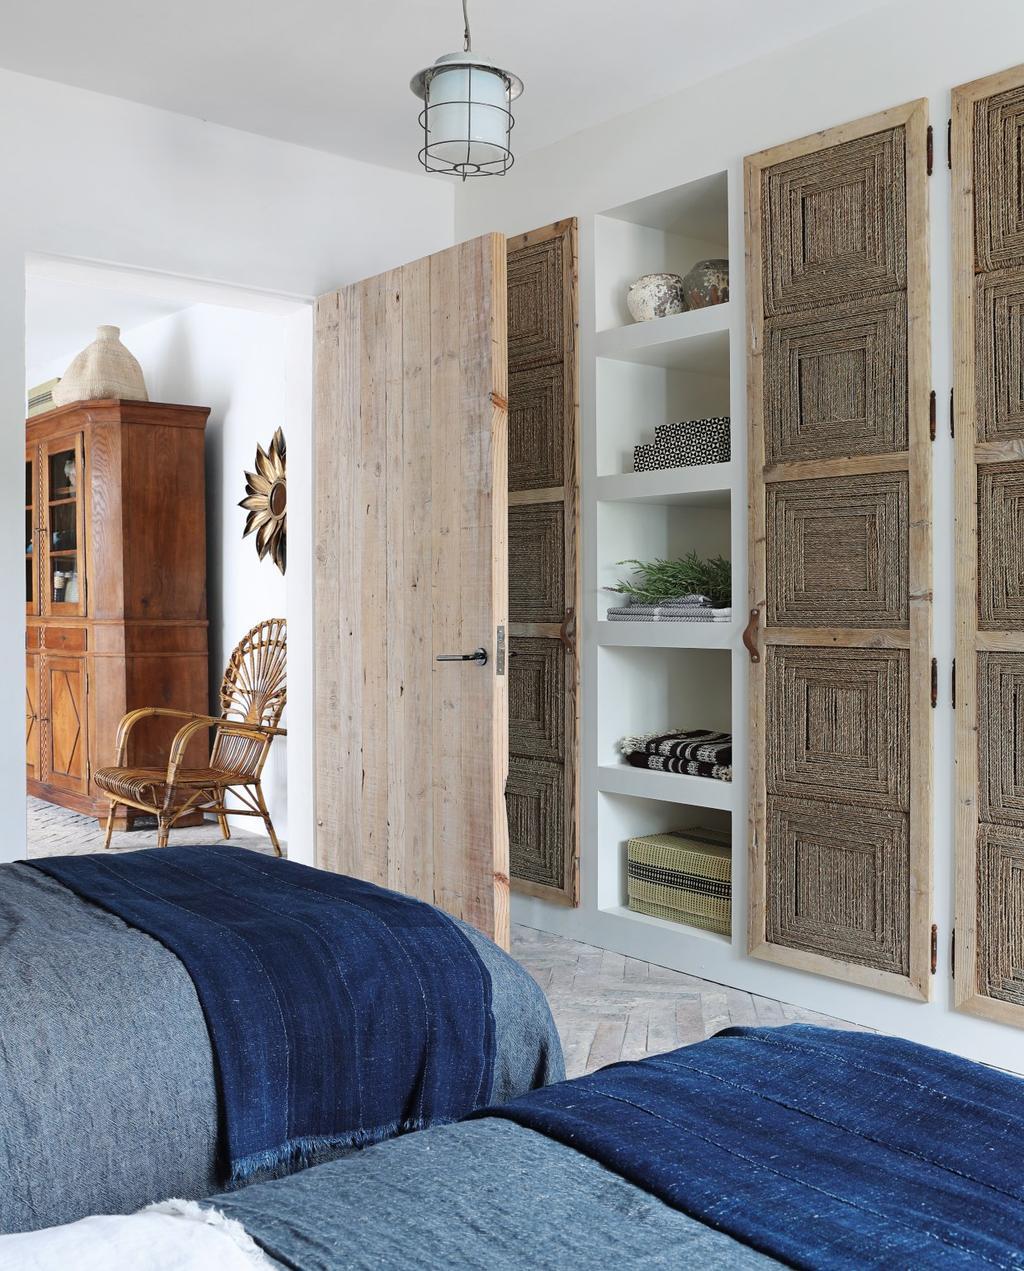 vtwonen 08-2020 | bk buitenland ibiza slaapkamer met vintage deuren